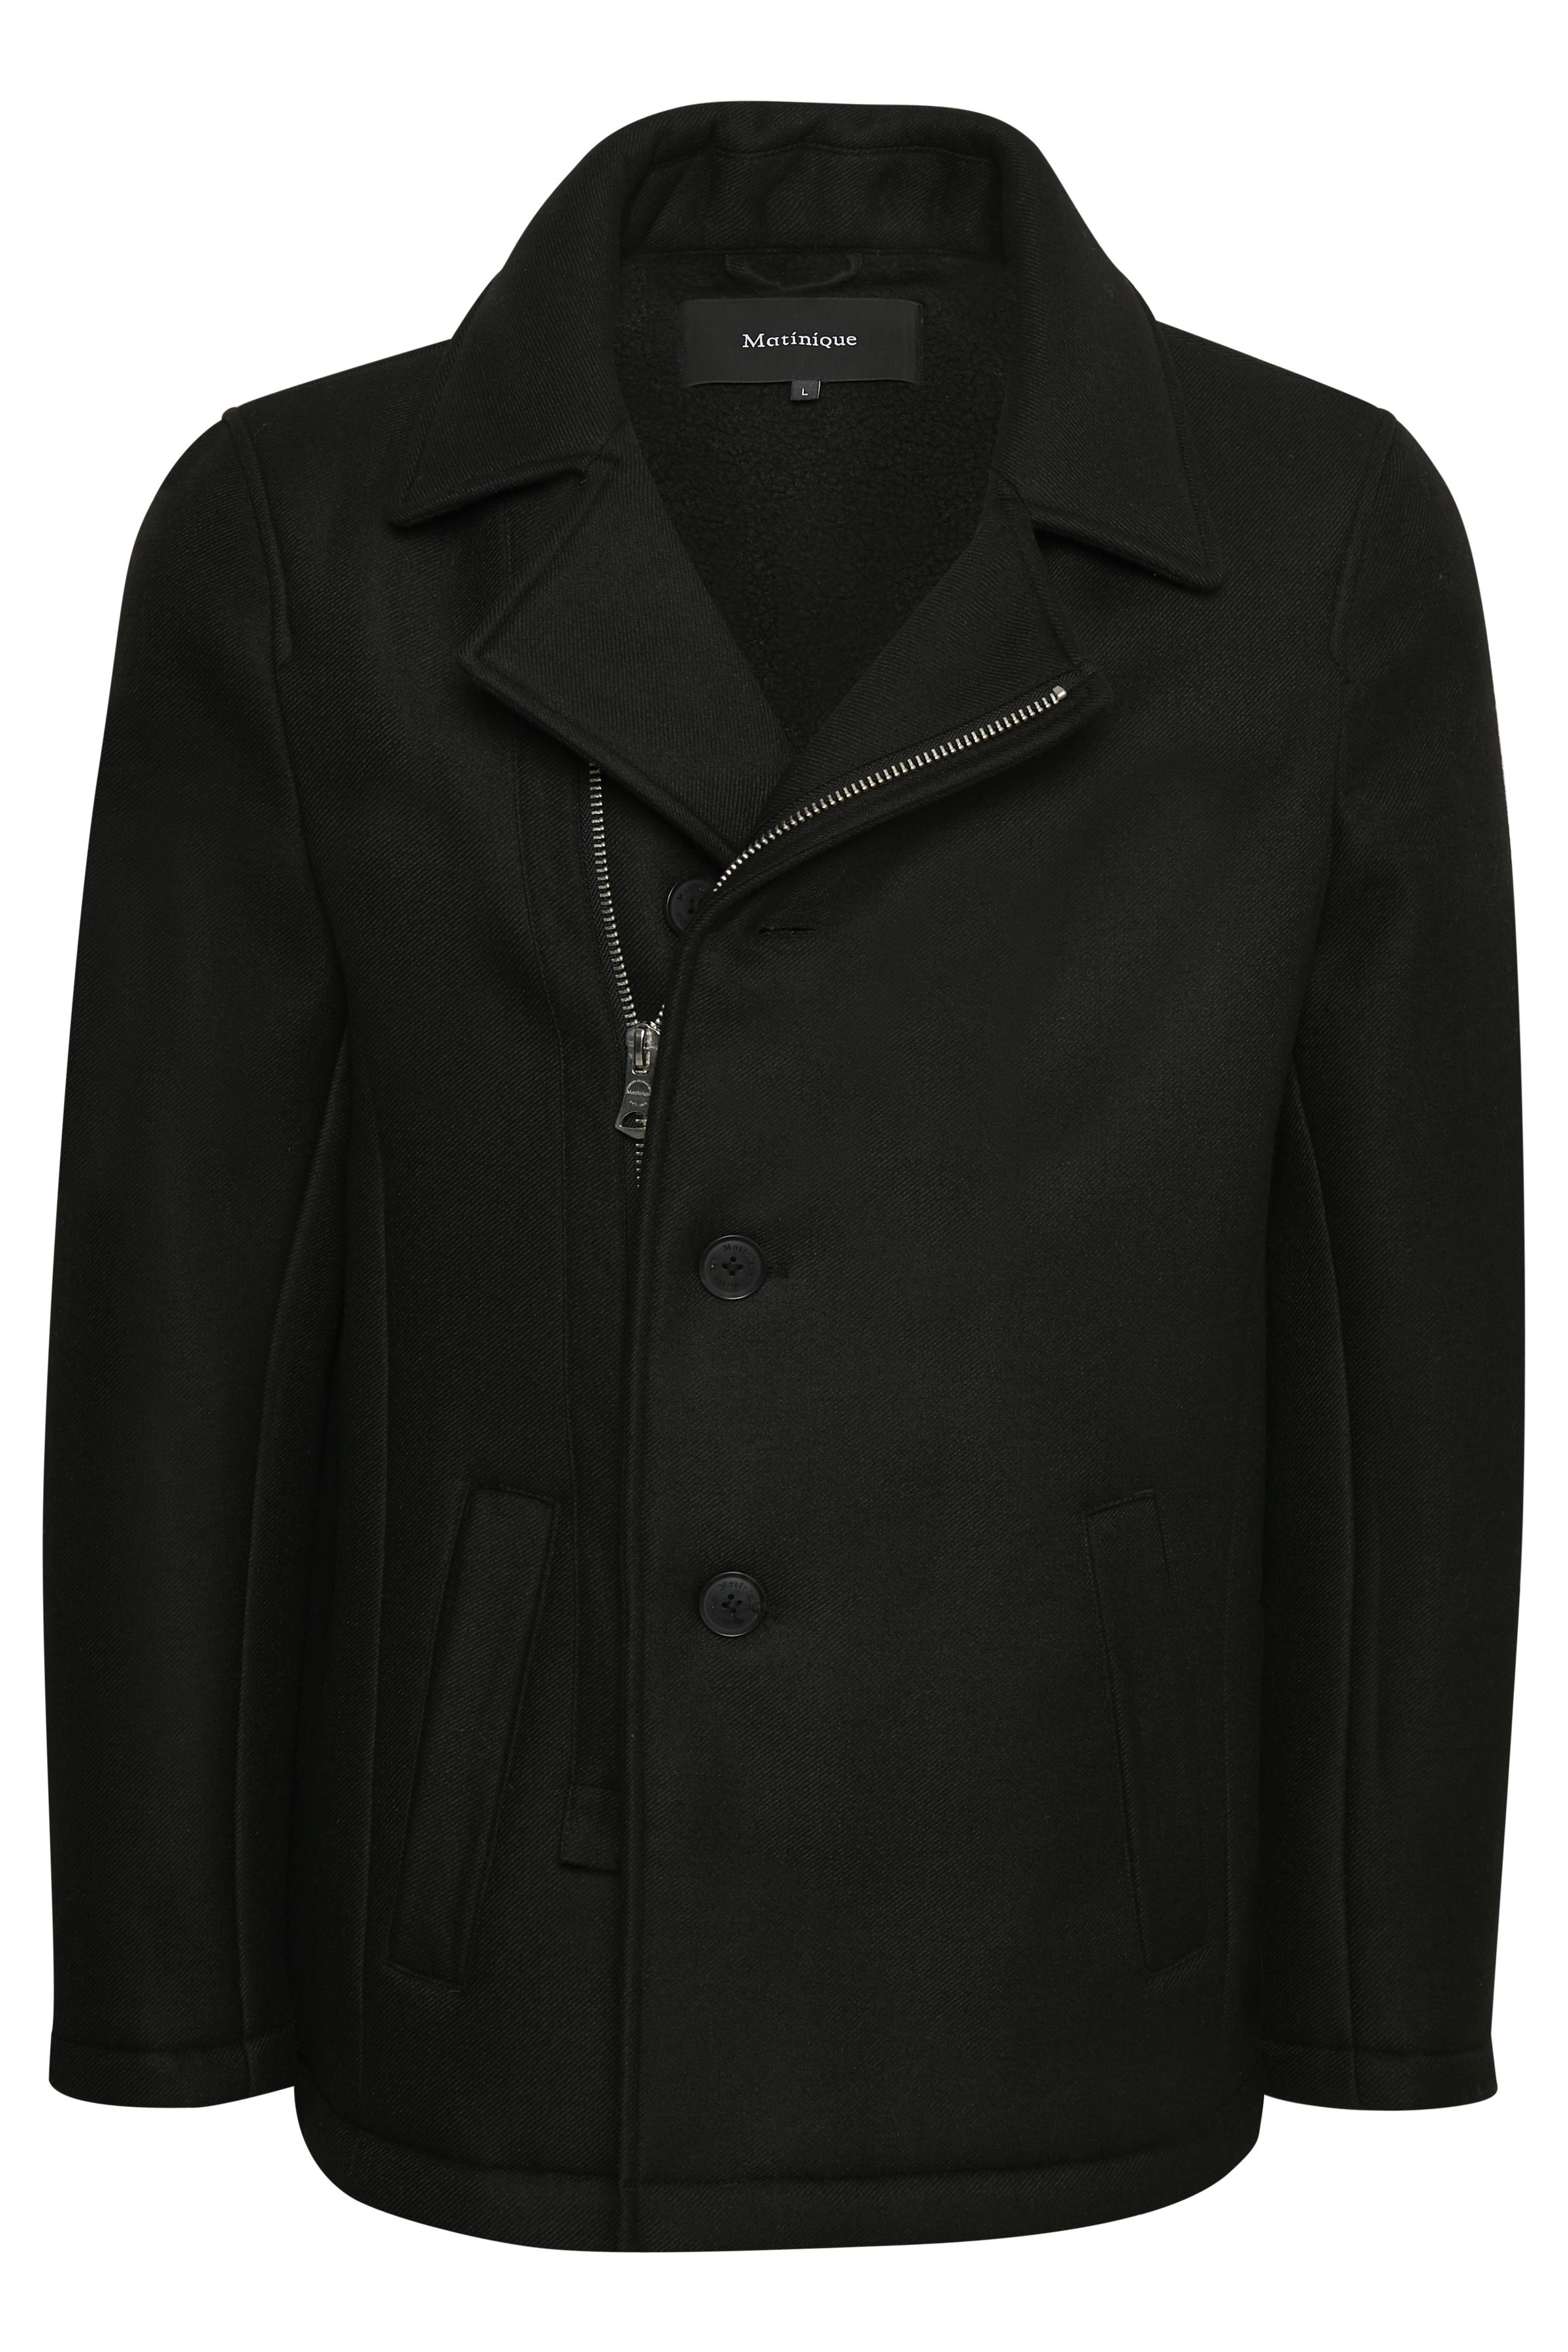 Black Overtøj – Køb Black Overtøj fra str. XL her